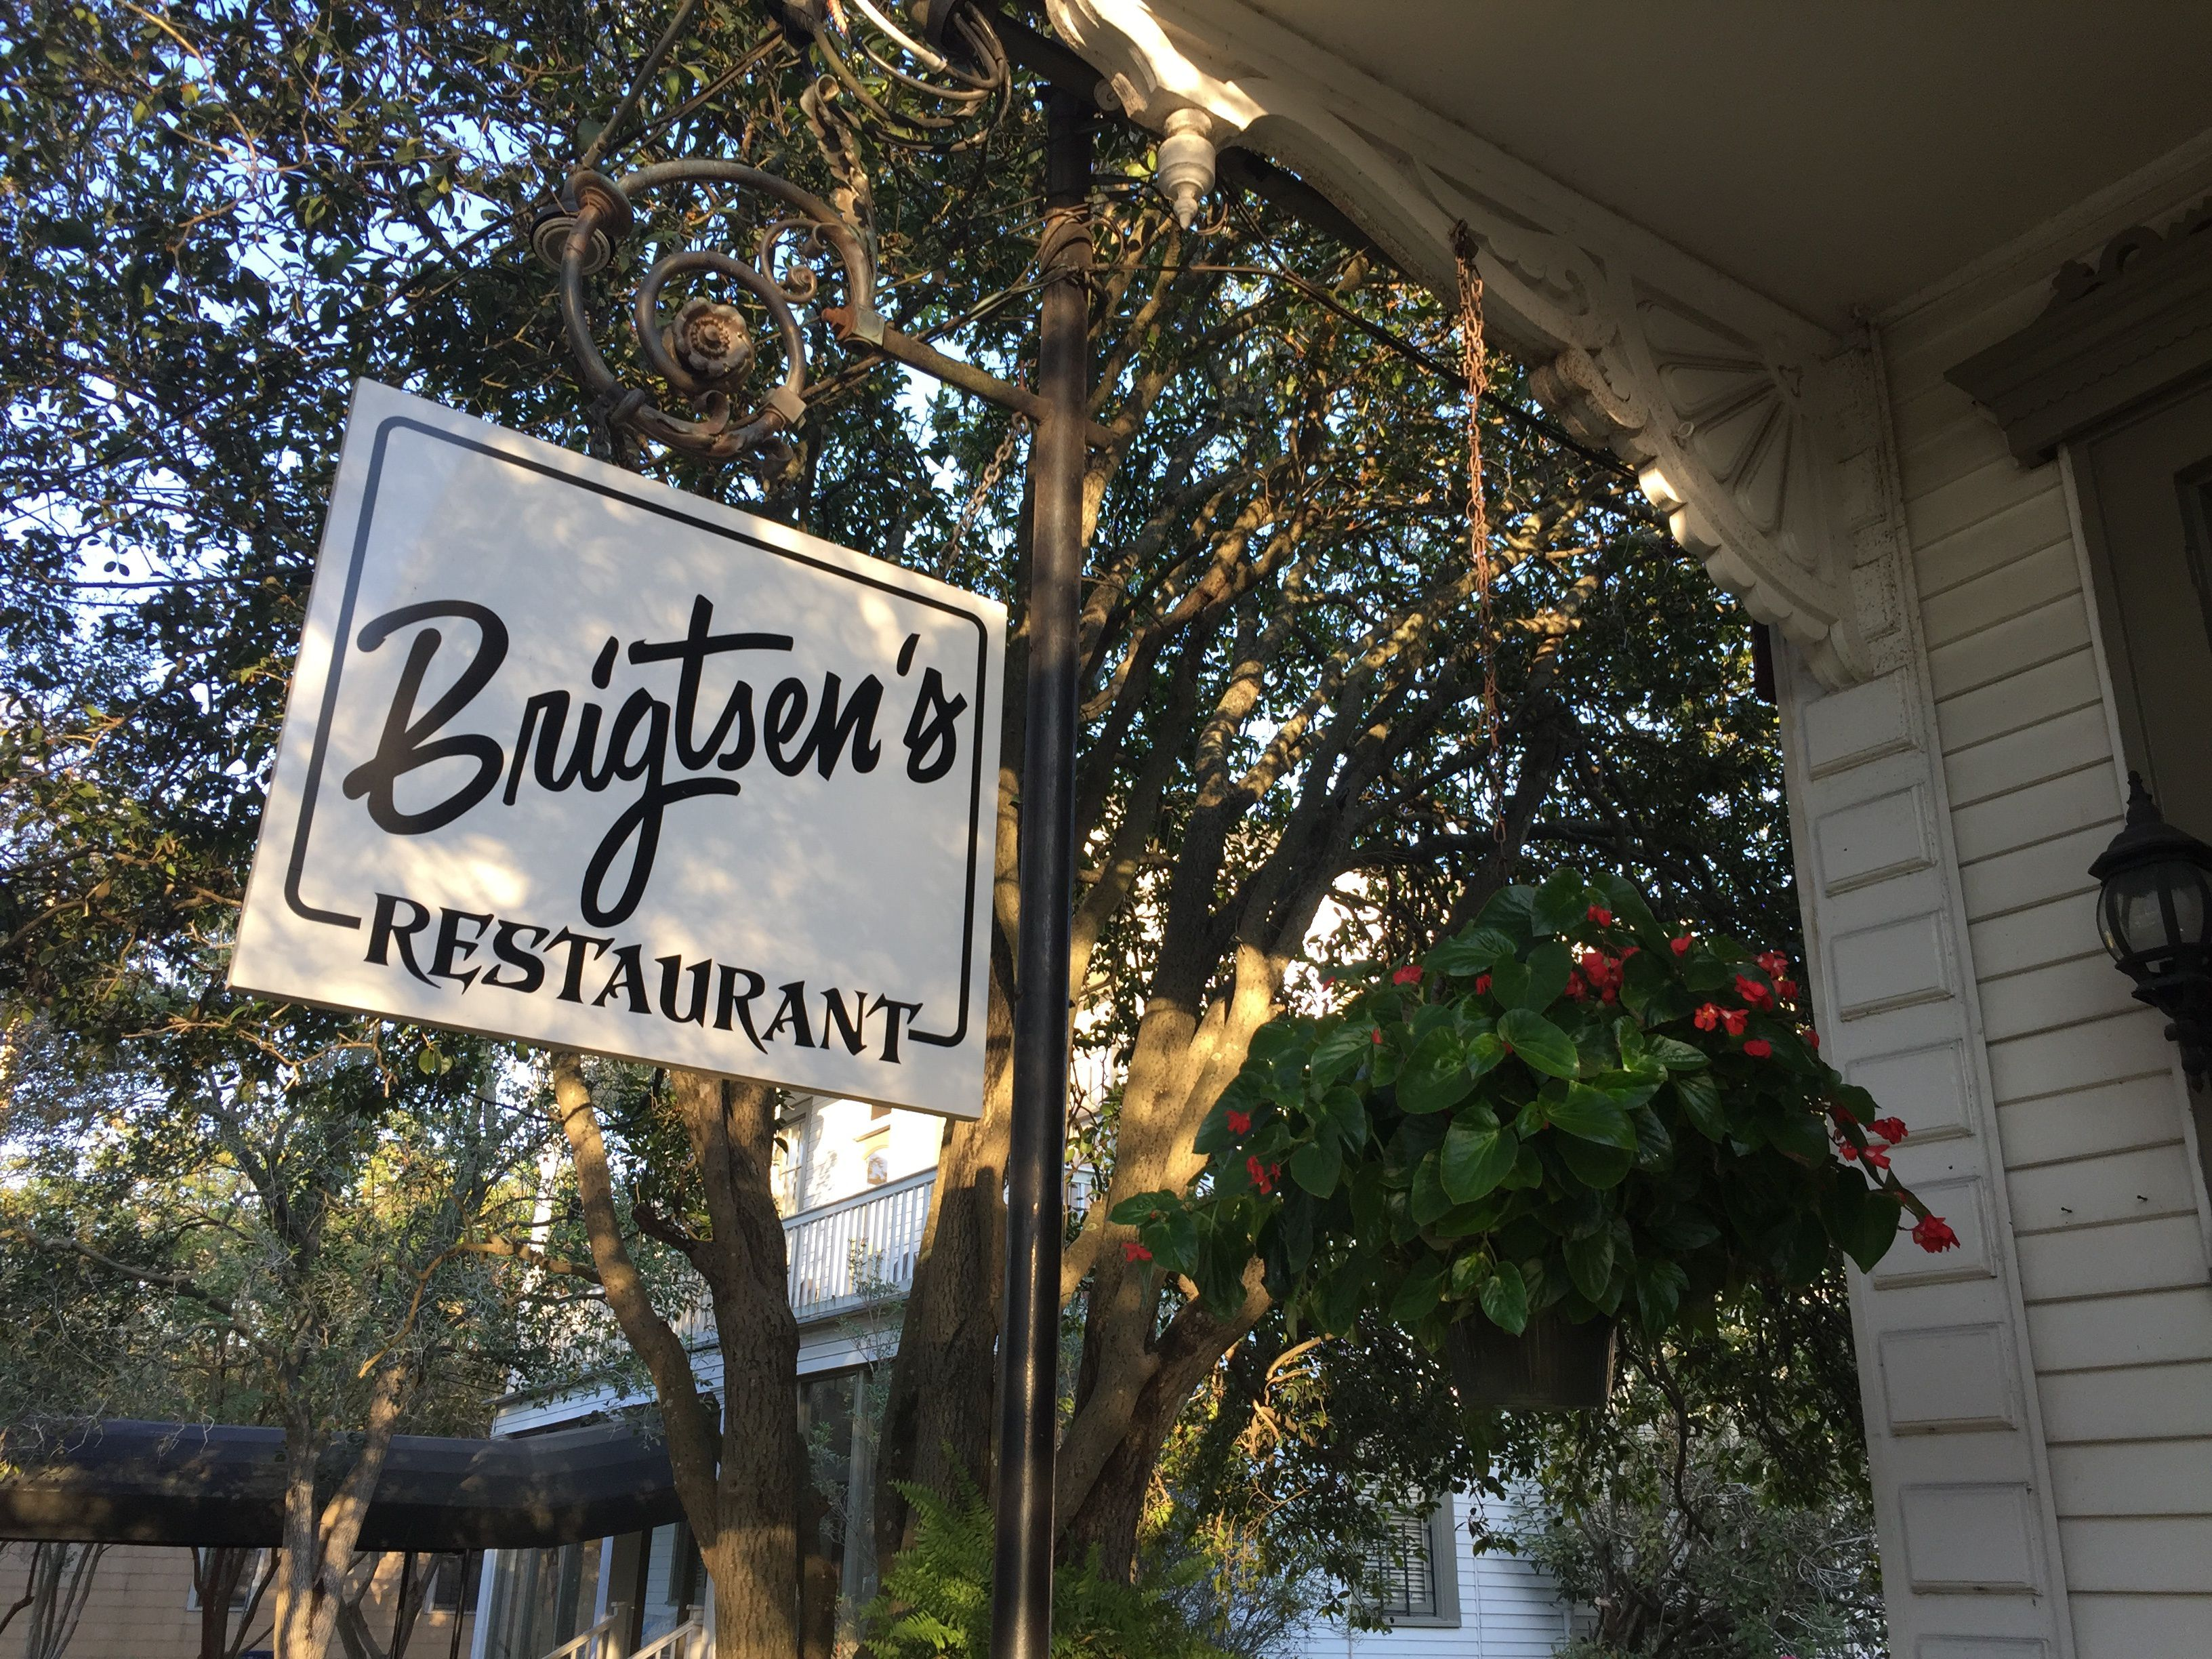 Brigsten's Restaurant in New Orleans, Louisiana.